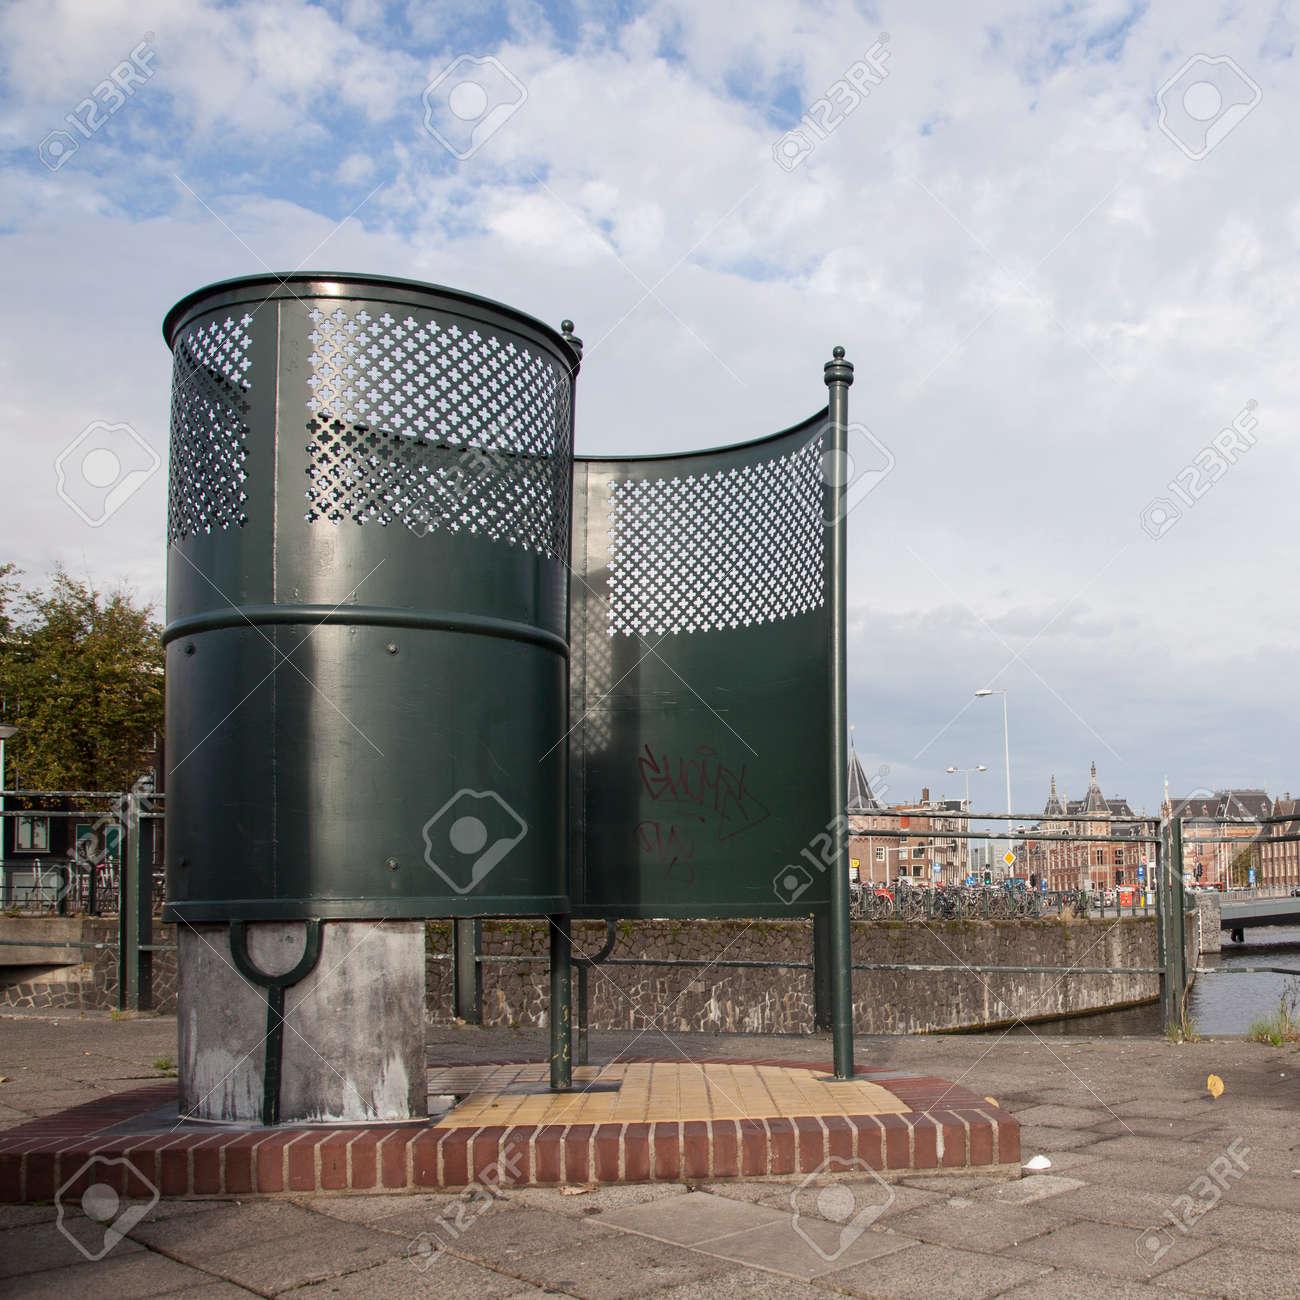 の は トイレ どこ 公衆 近く